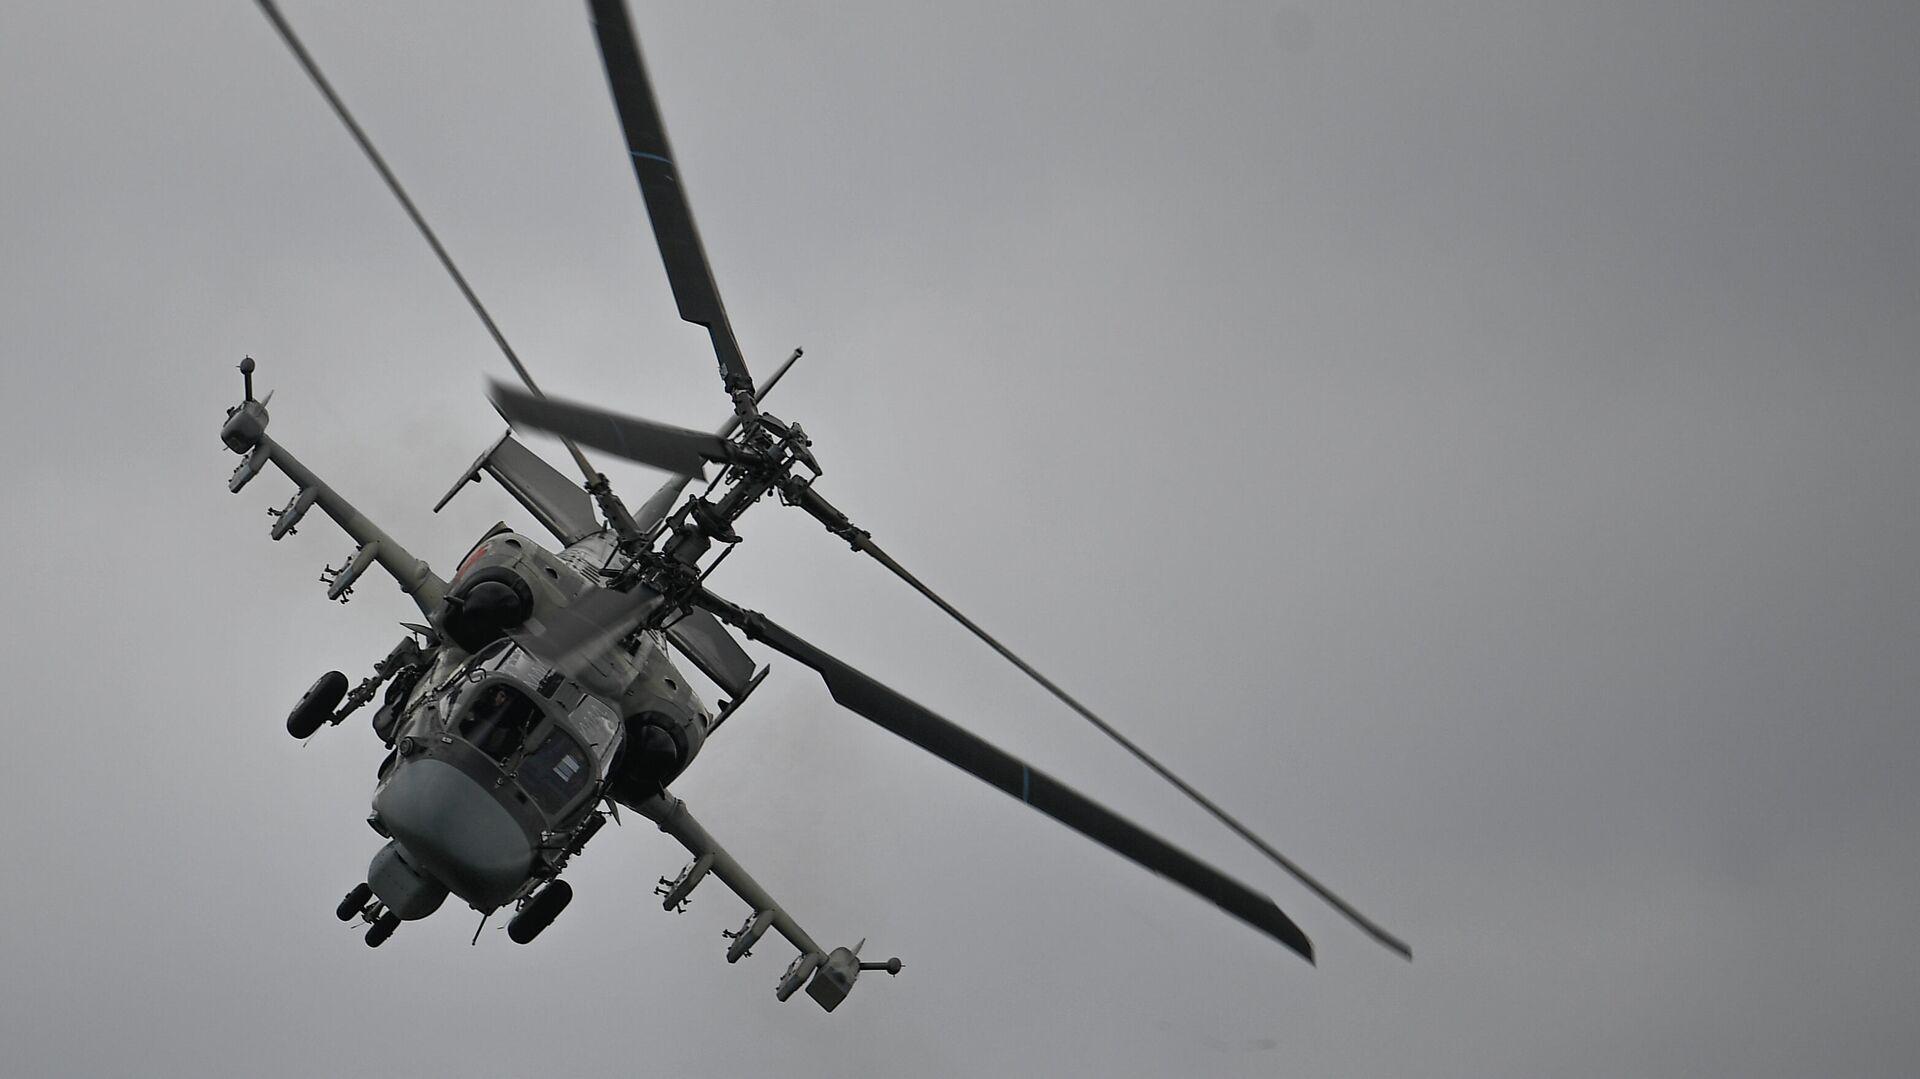 Ударный вертолет Ка-52 Аллигатор выполняет демонстрационный полет в рамках Международного форума Армия-2020 на аэродроме Кубинка в Подмосковье - РИА Новости, 1920, 19.05.2021